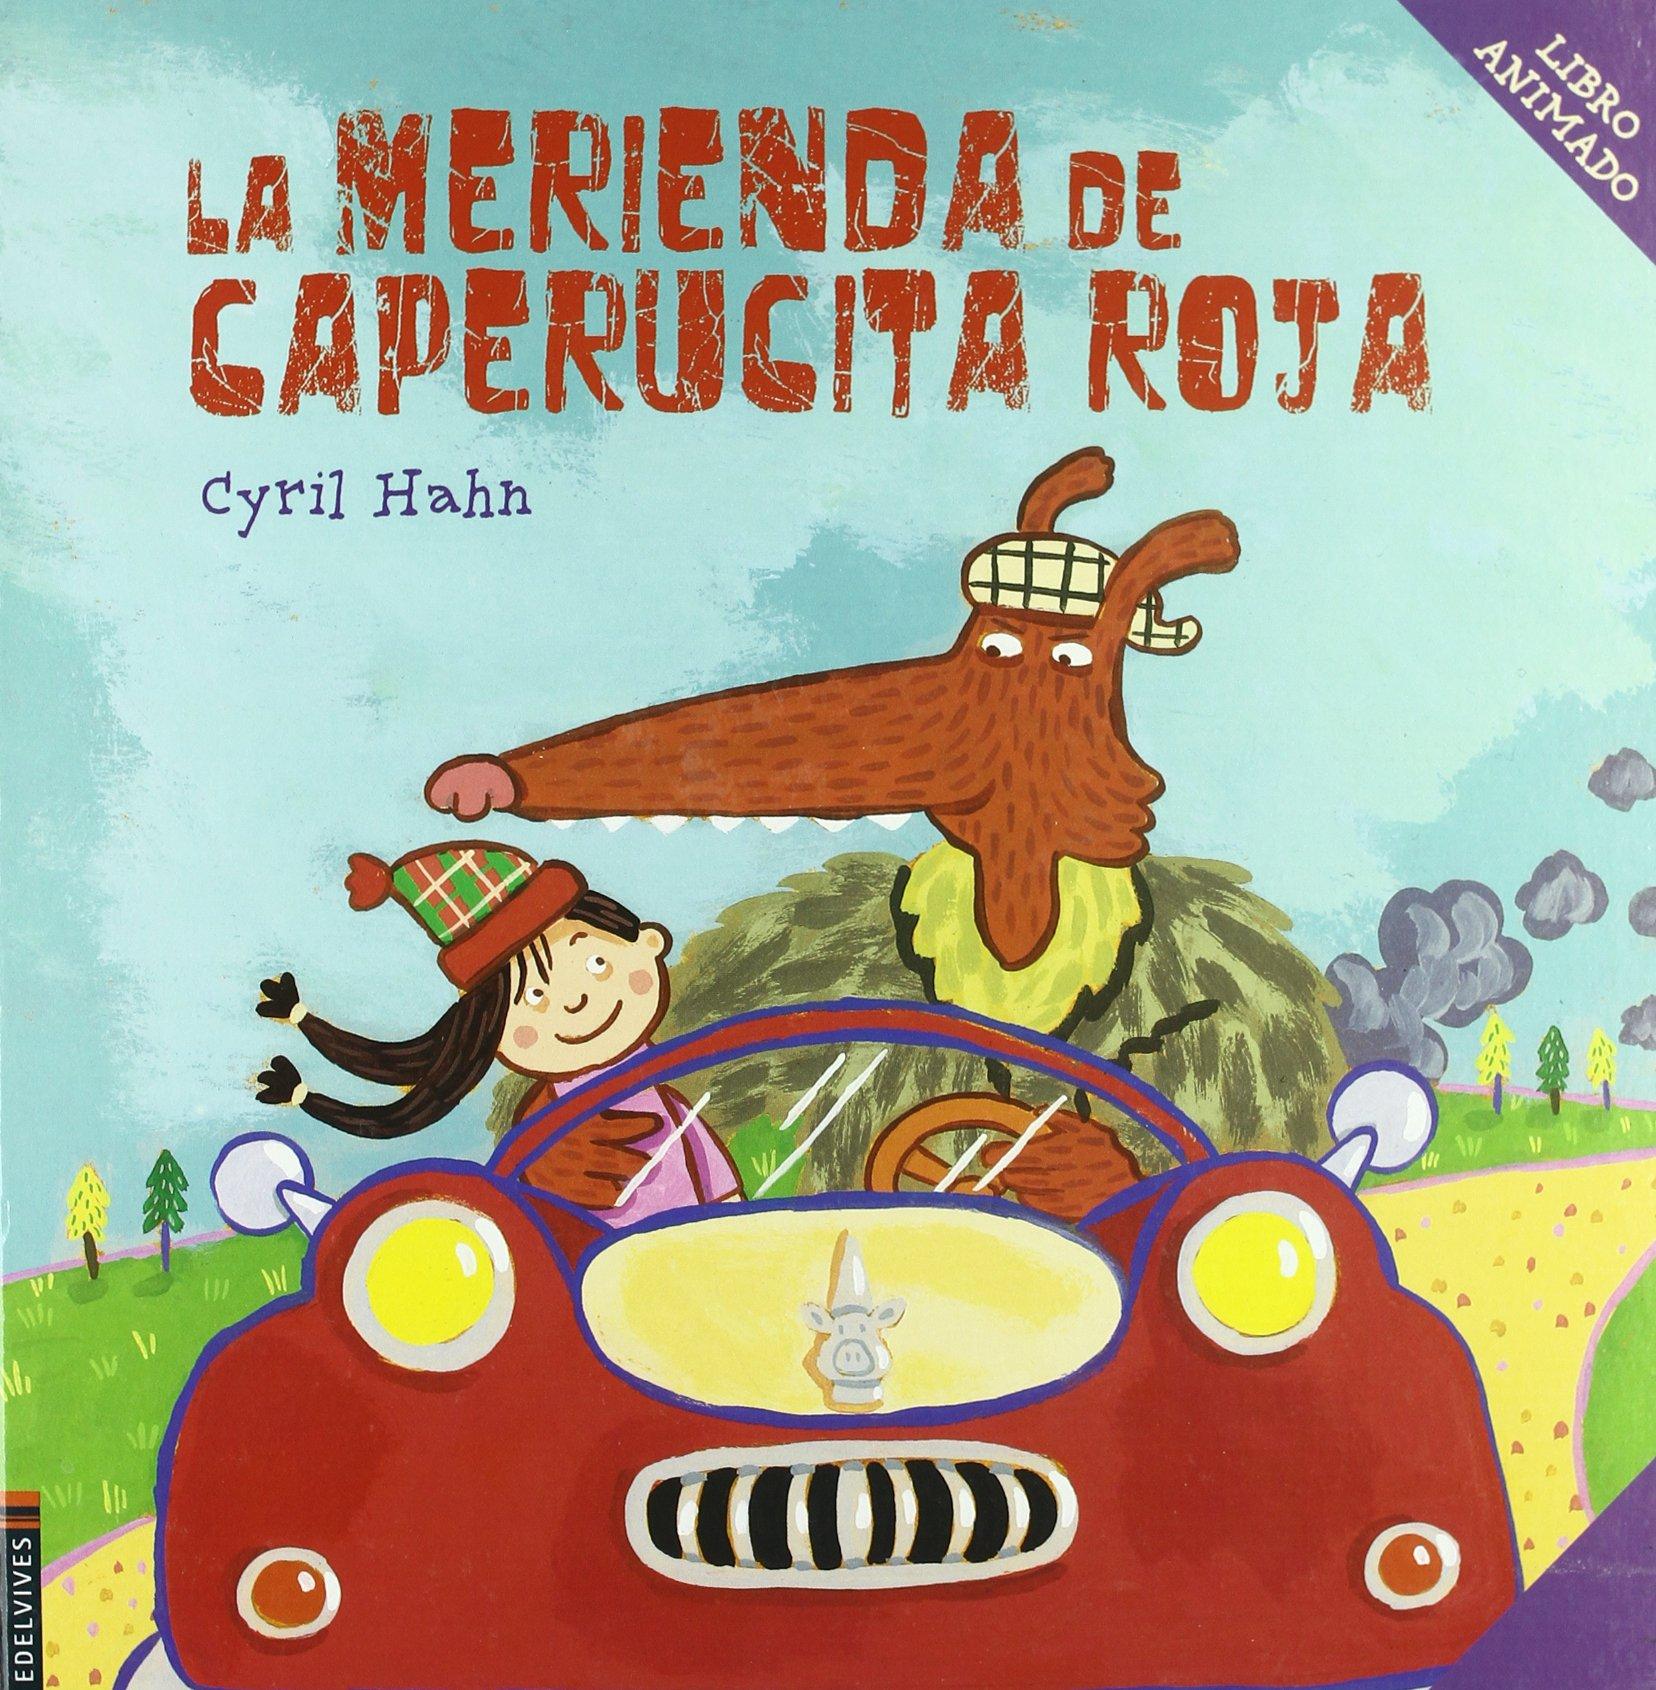 La merienda de Caperucita Roja Libros Moviles edelvives: Amazon.es ...